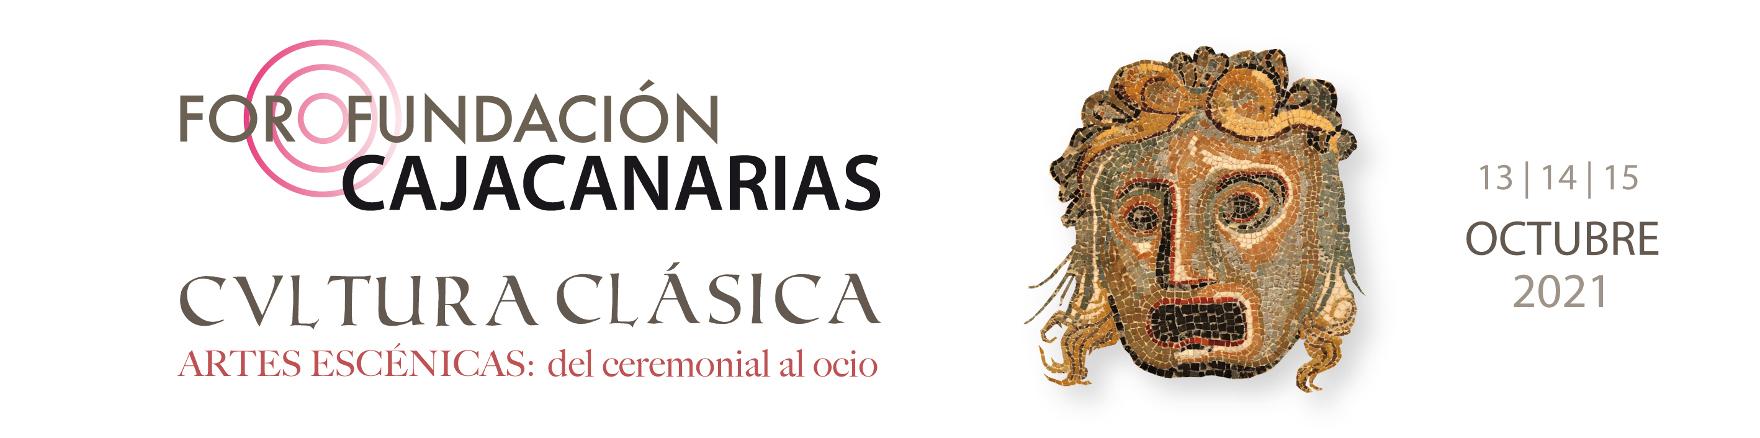 cabecera JornadasCulturaClasica2021